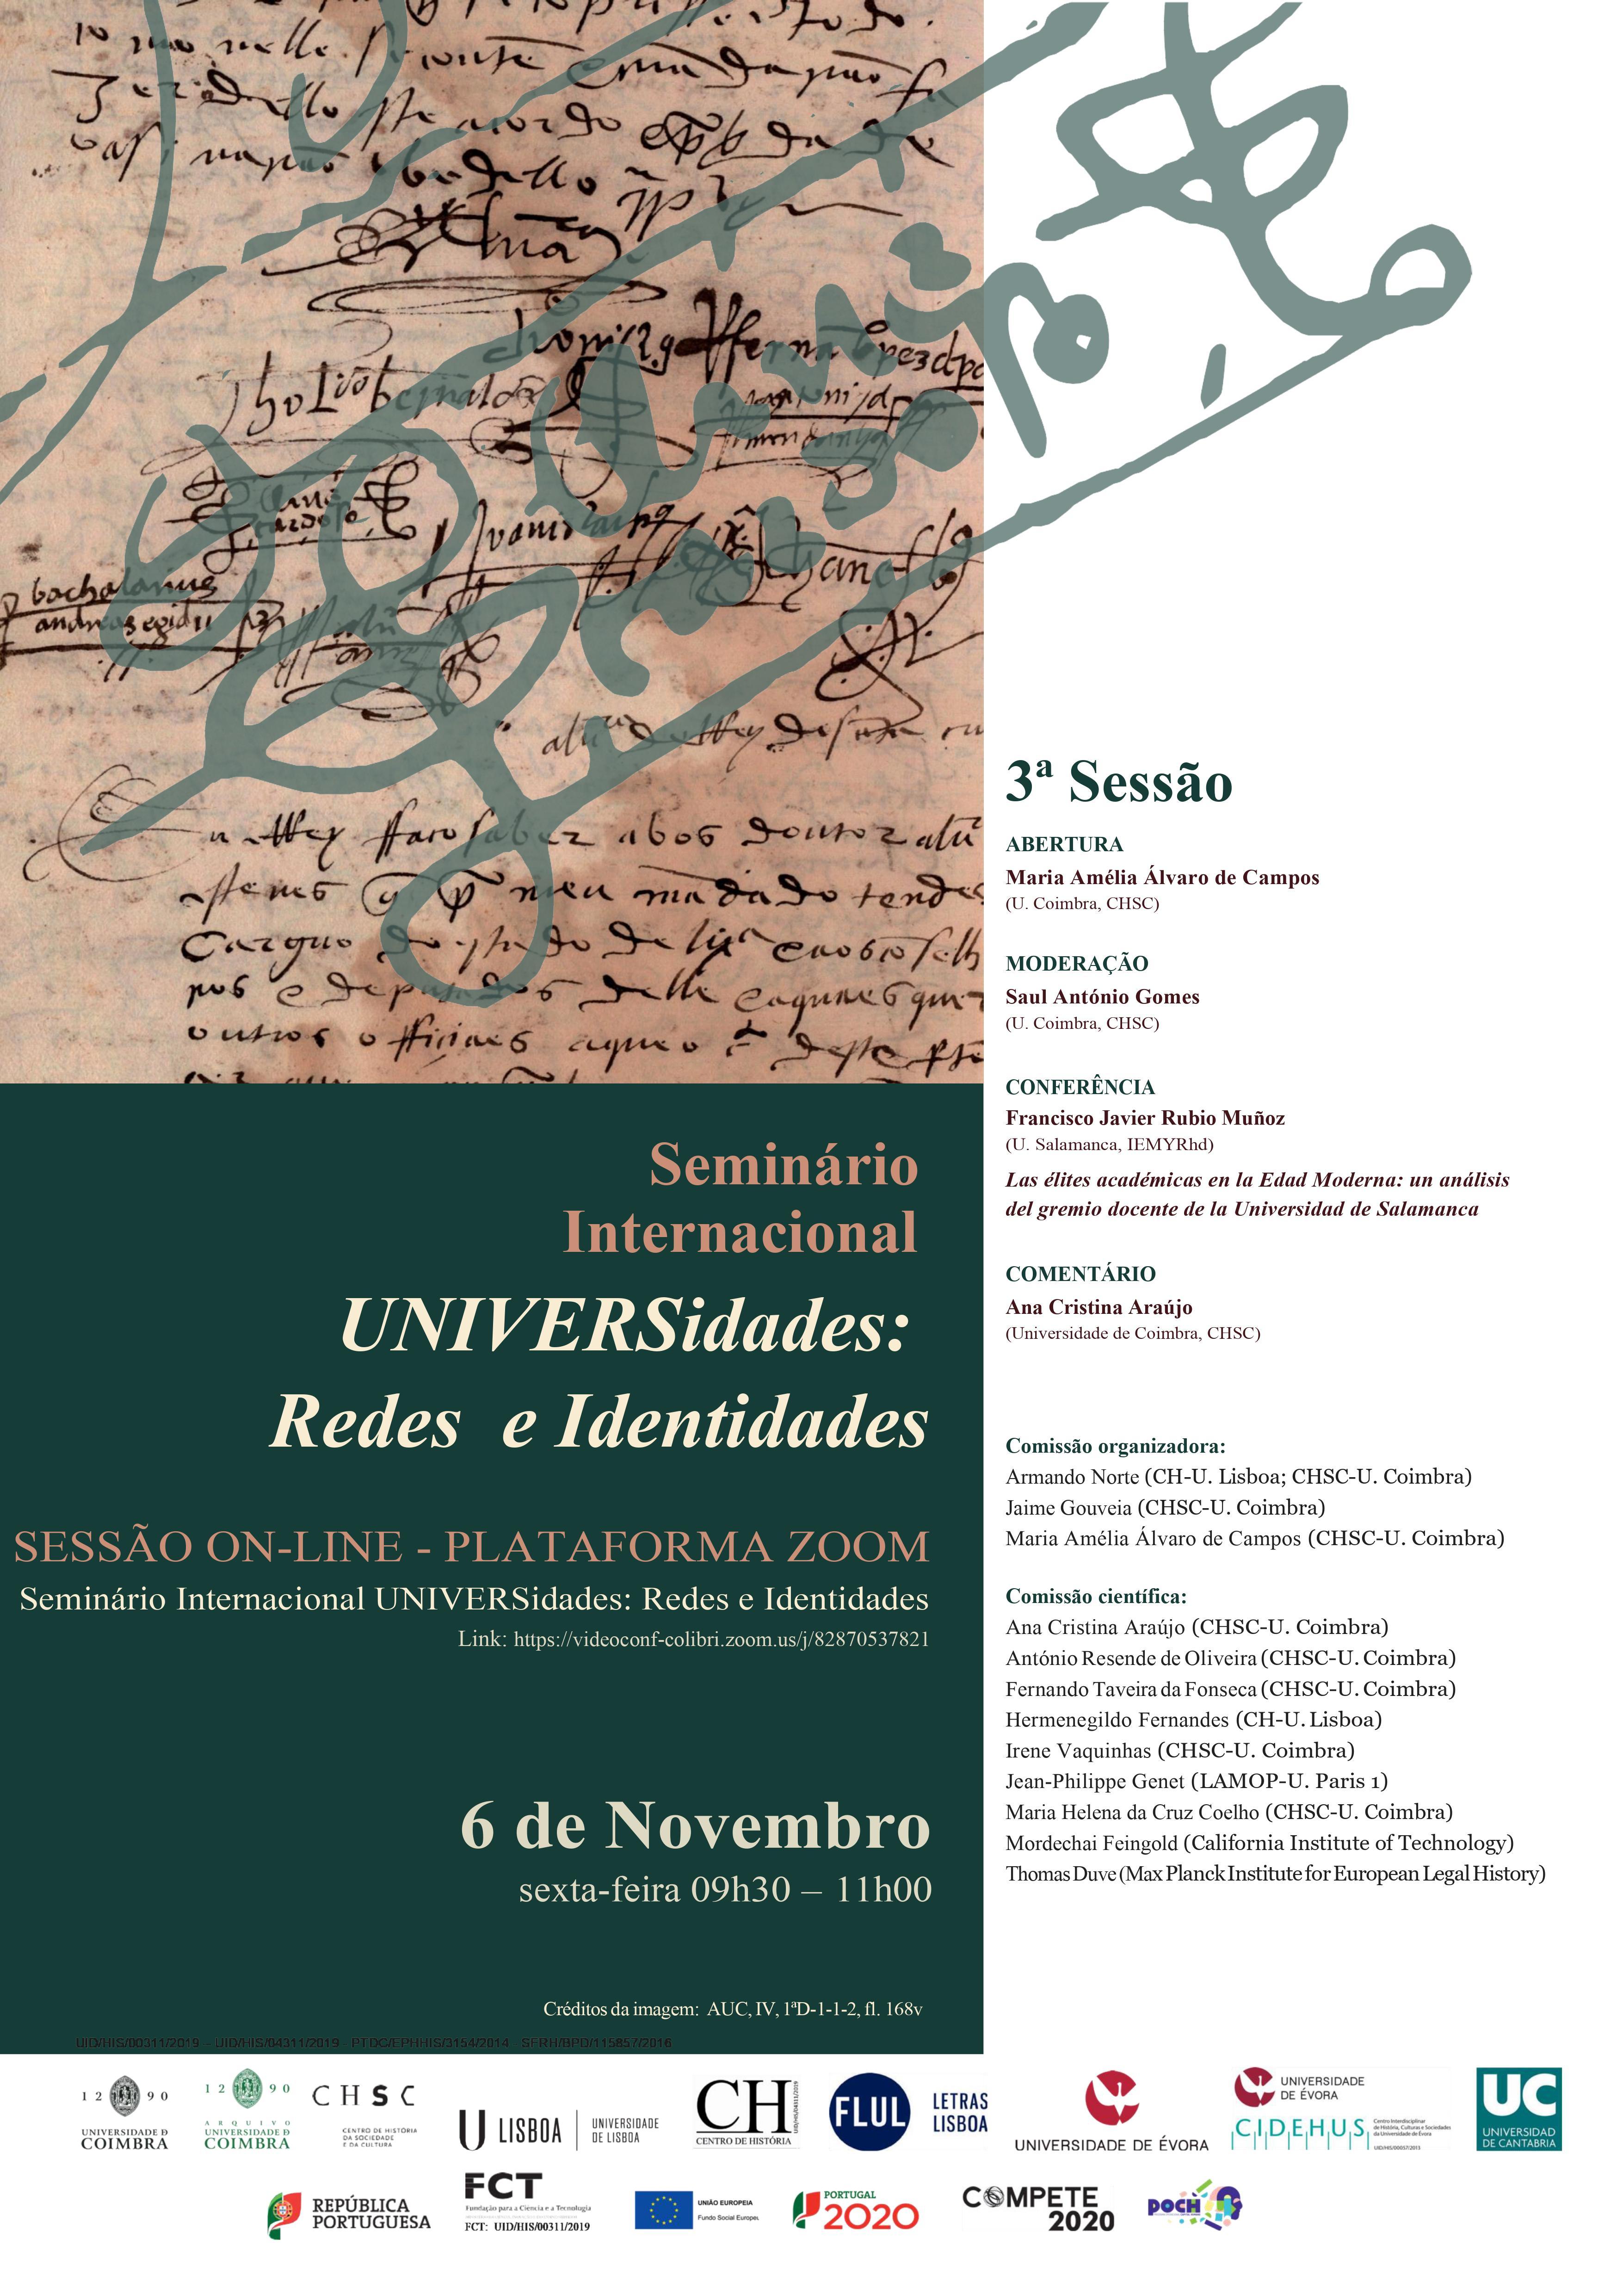 Seminário Internacional UNIVERSidades: redes e identidades – 3.ª SESSÃO